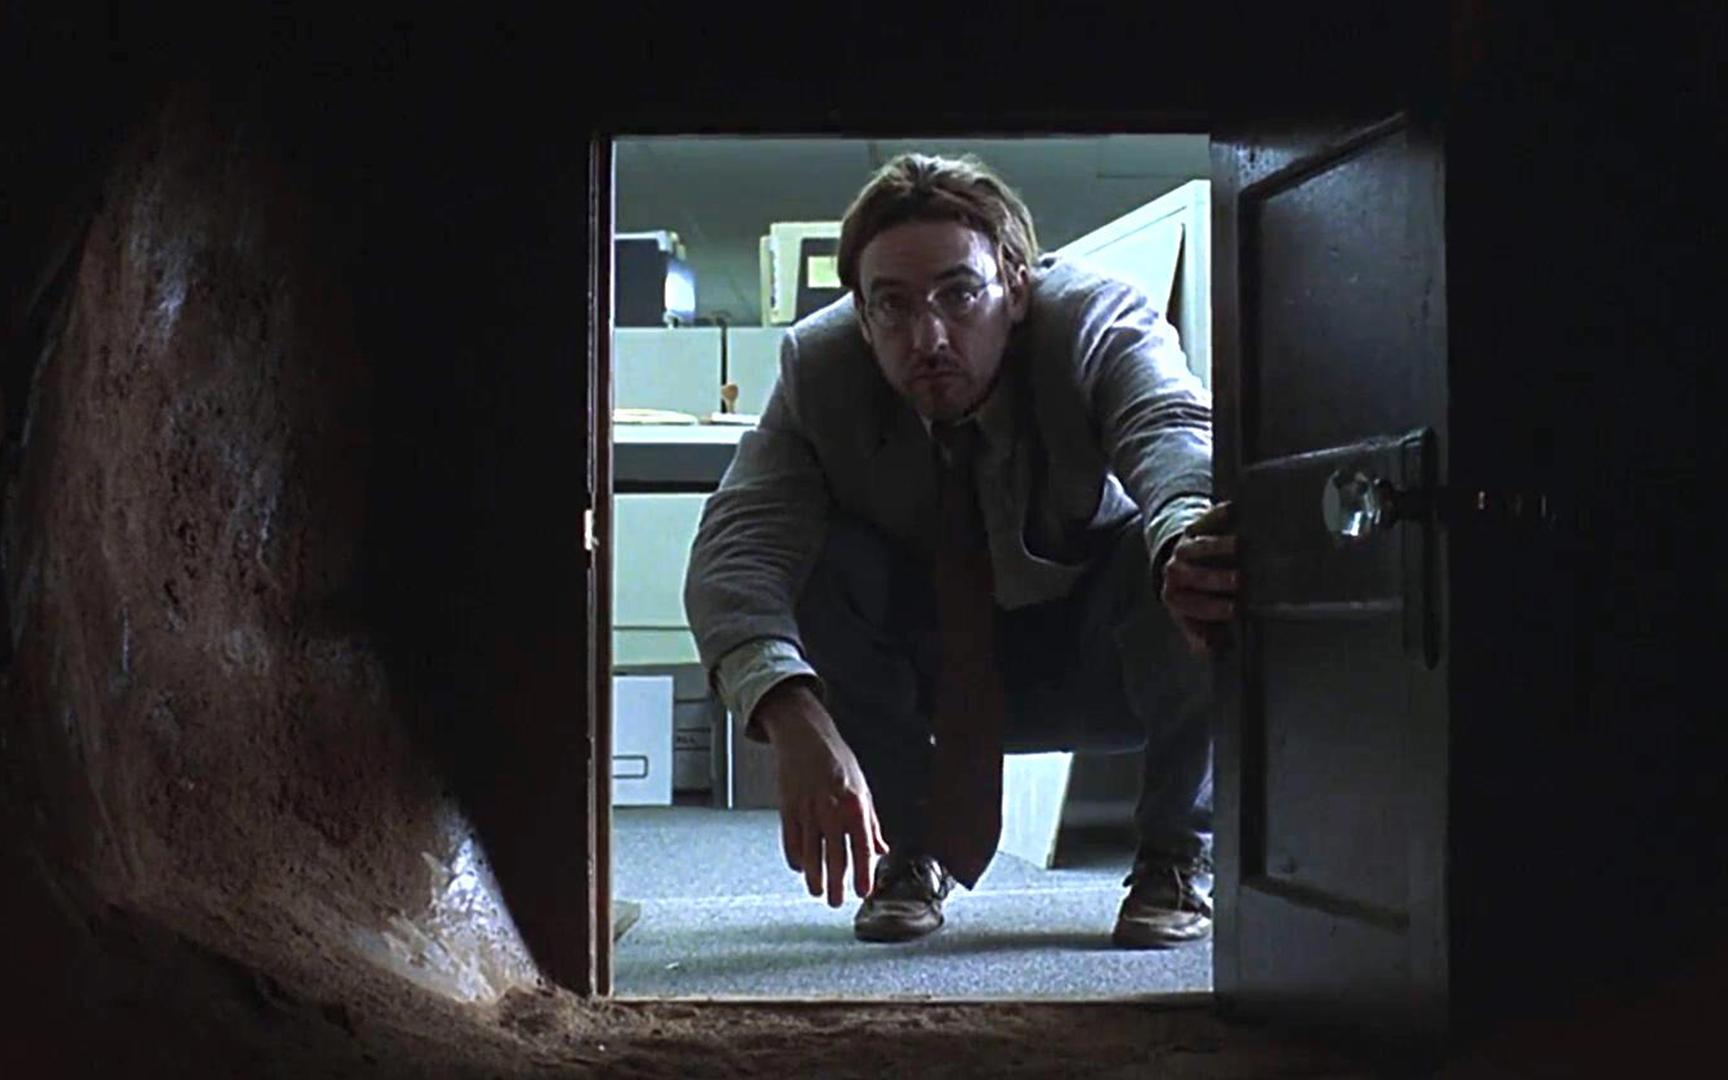 出轨、偷窥、三人行,真想不到20年前的电影这么野!《成为约翰·马尔科维奇》